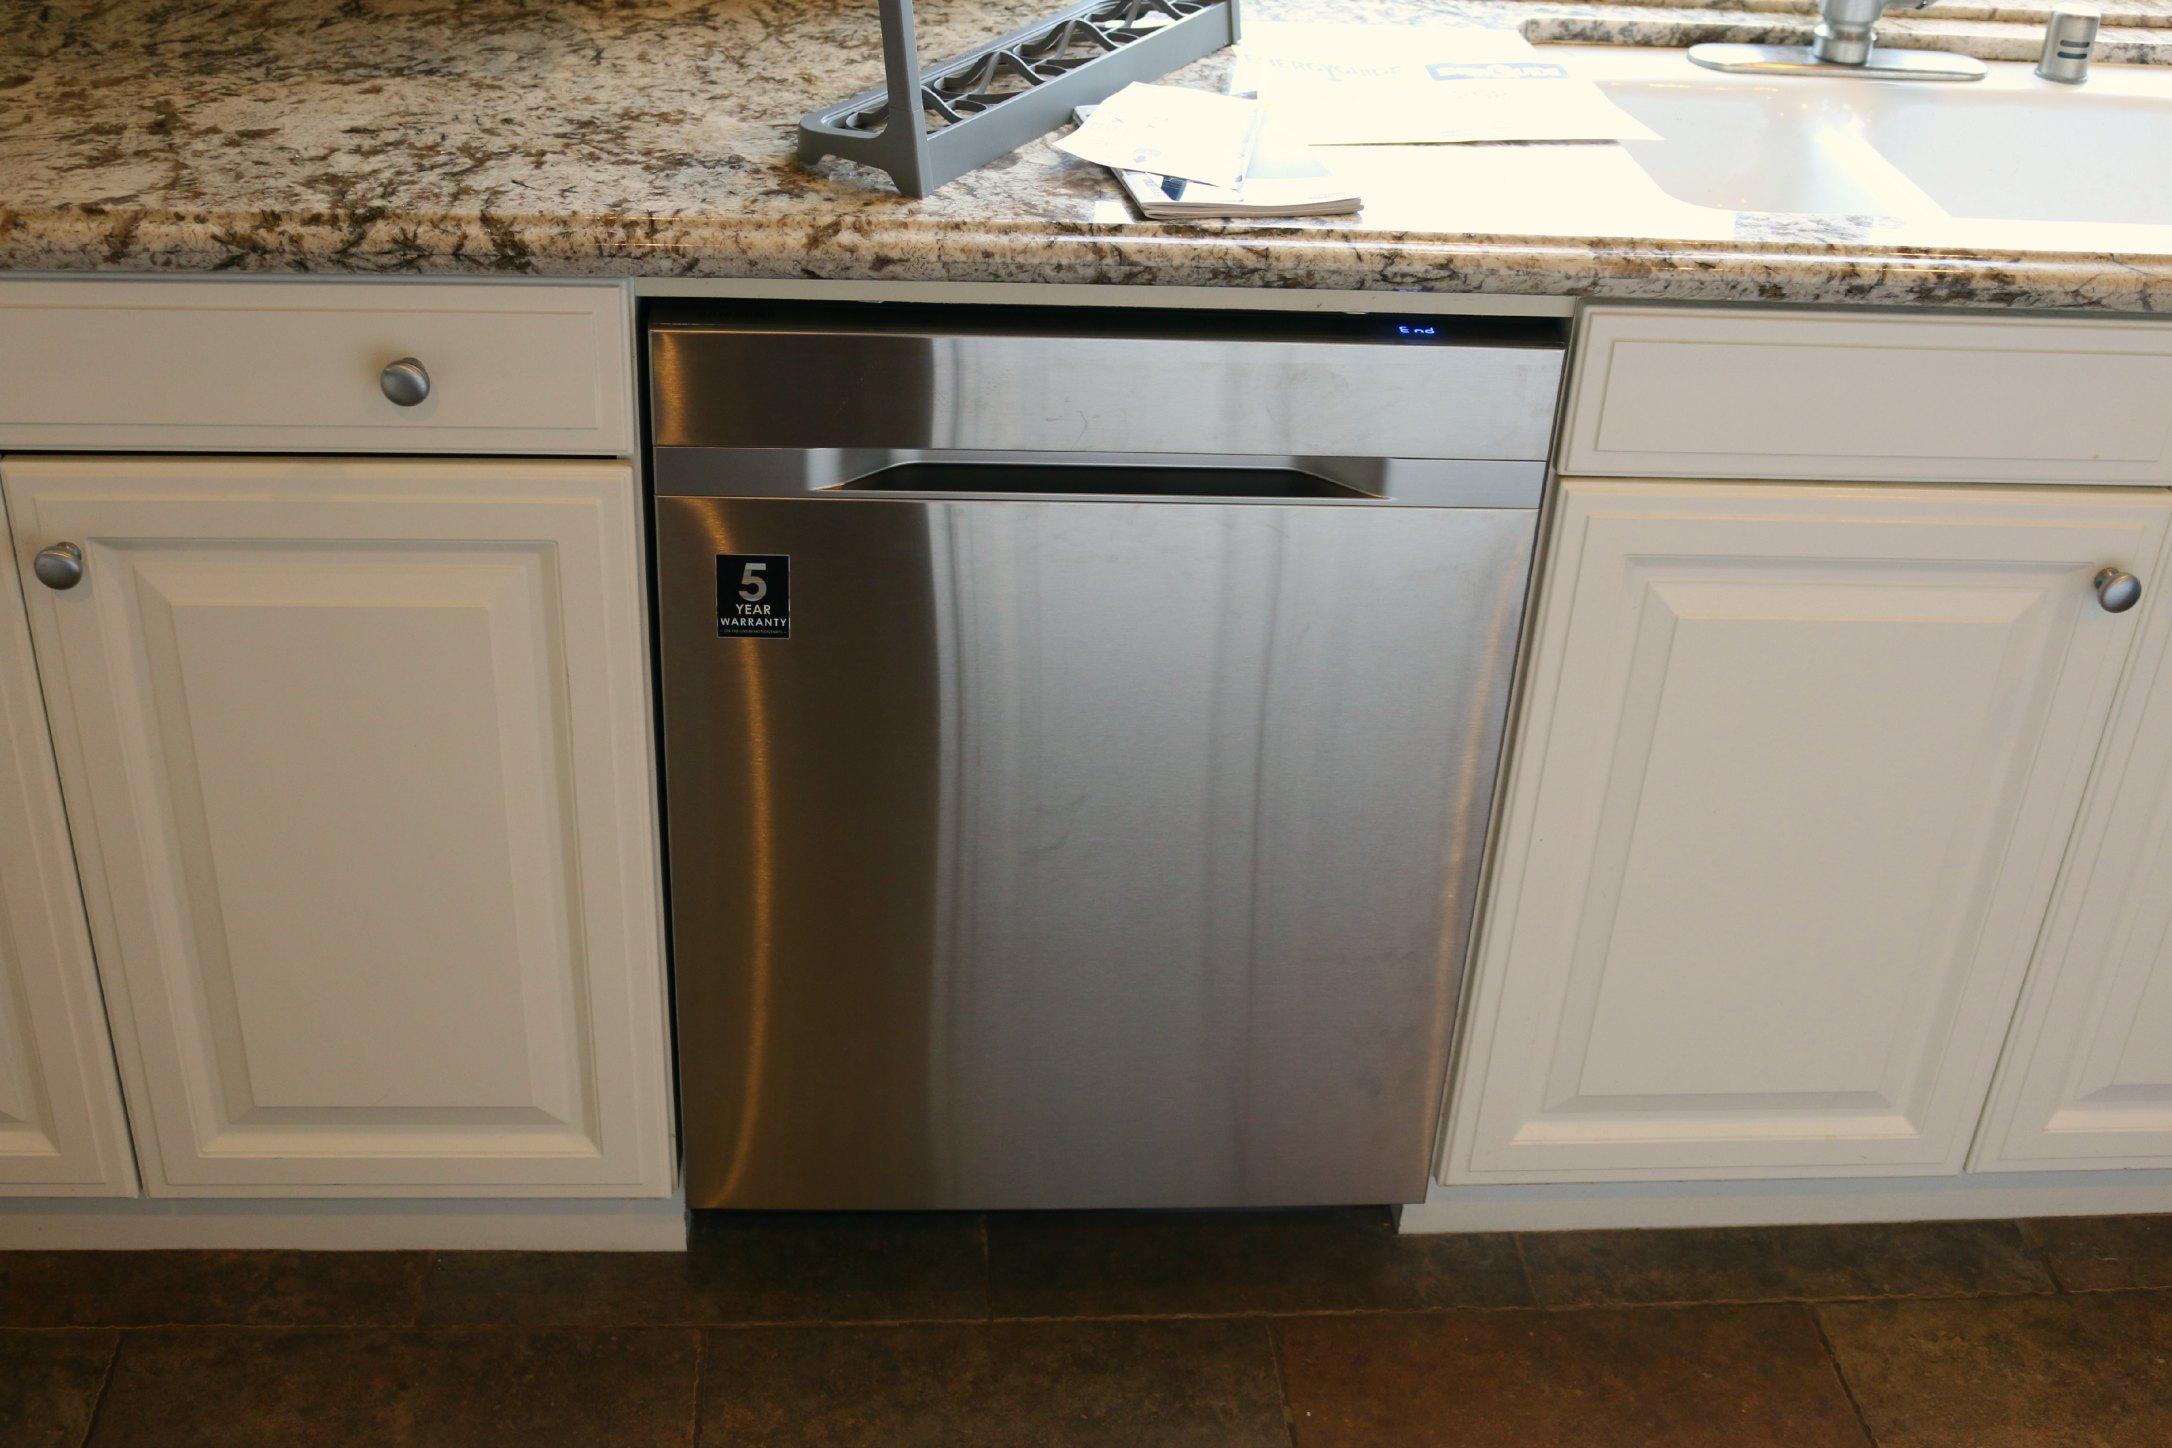 new dishwasher samgung